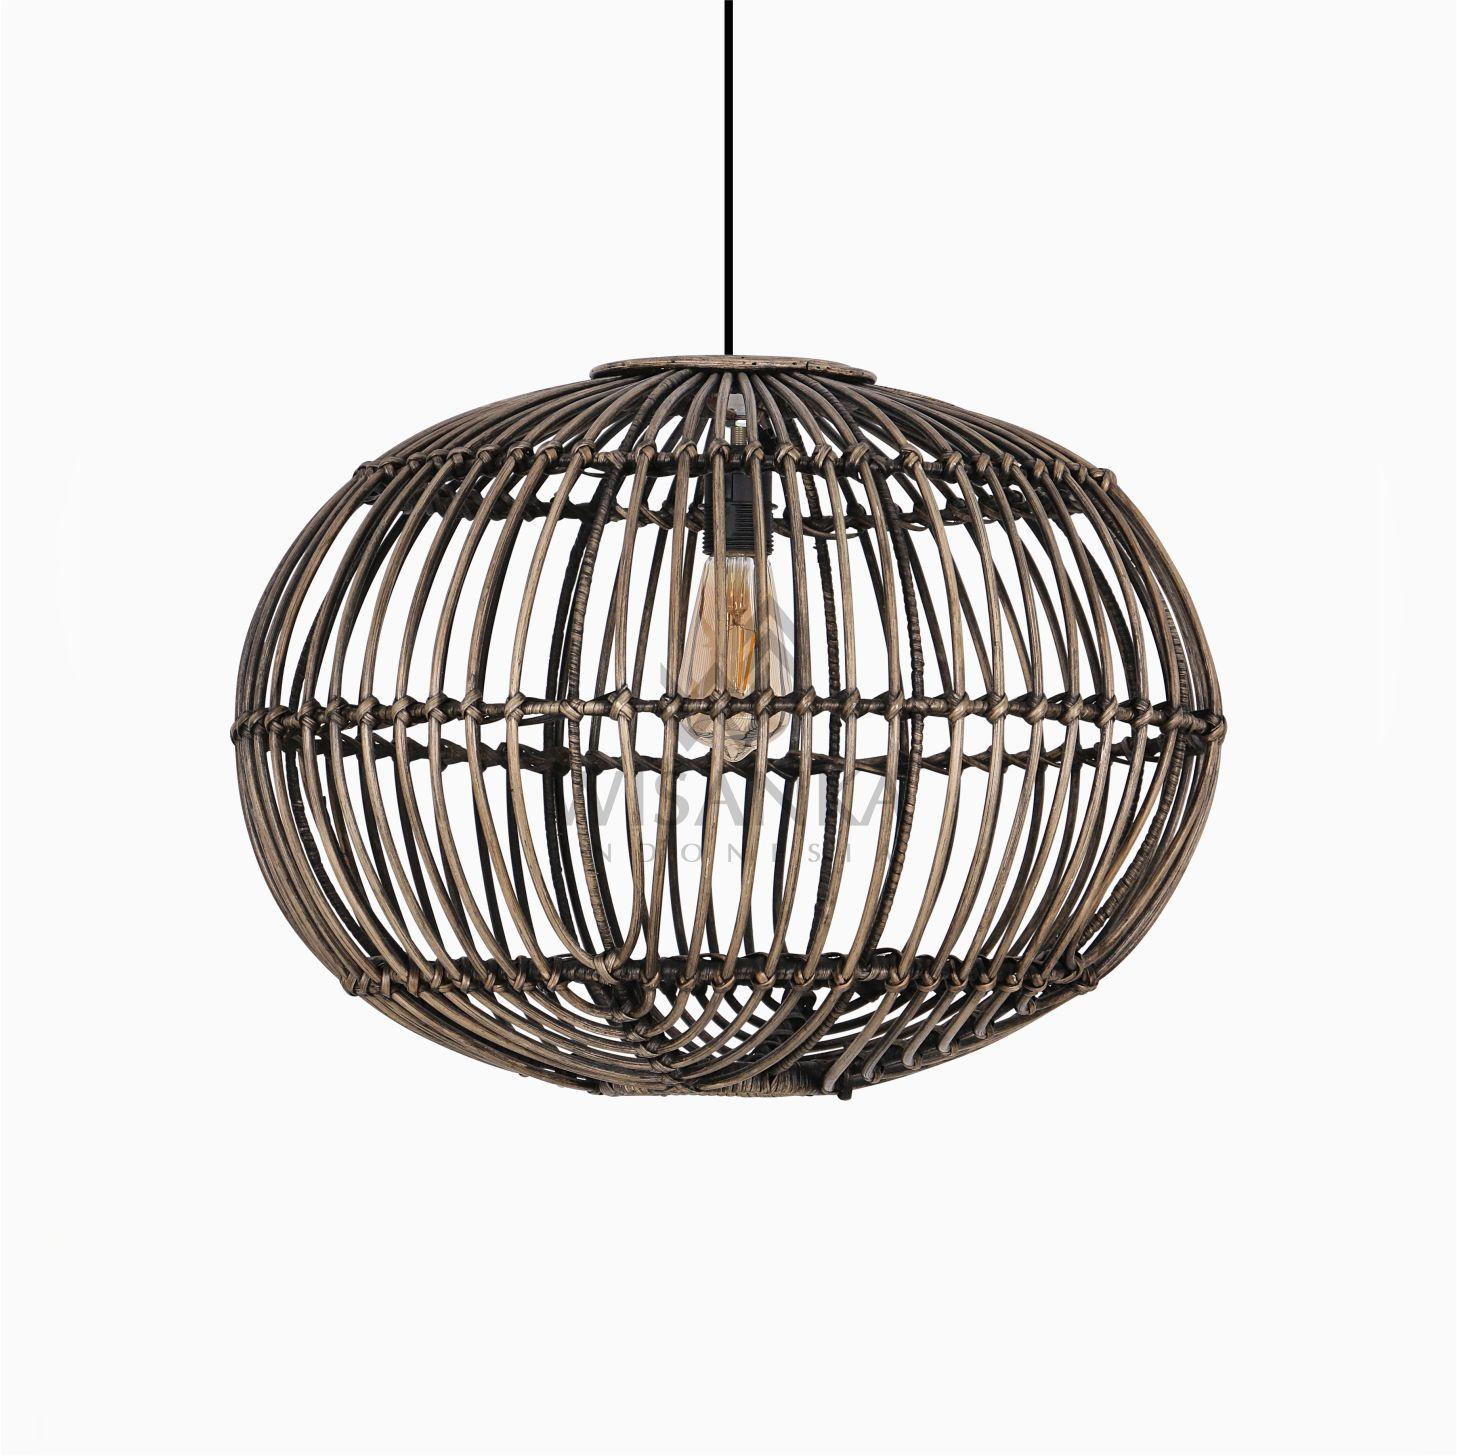 Somerset Rattan Pendant Hanging Lamp Large Black Wash Lamp Decor